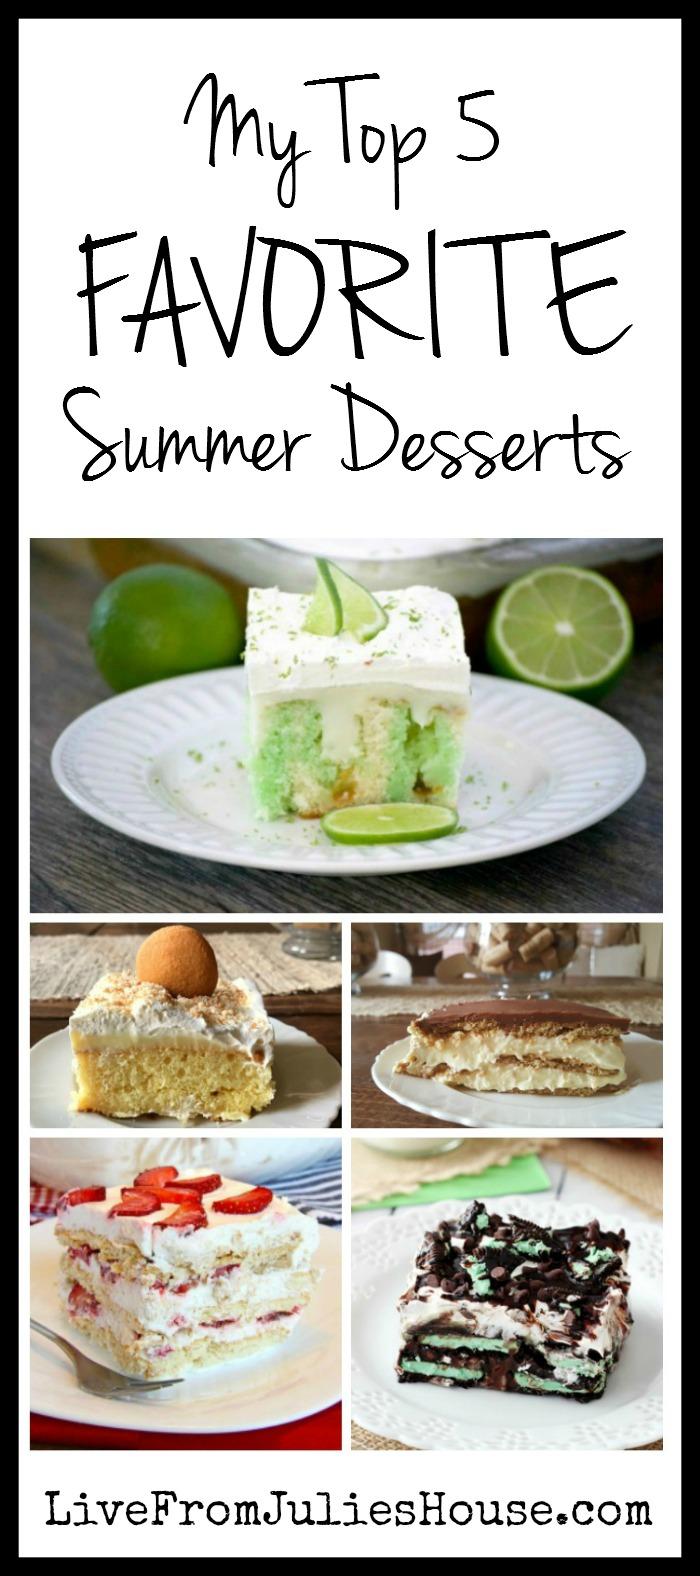 Top 5 Favorite Summer Desserts